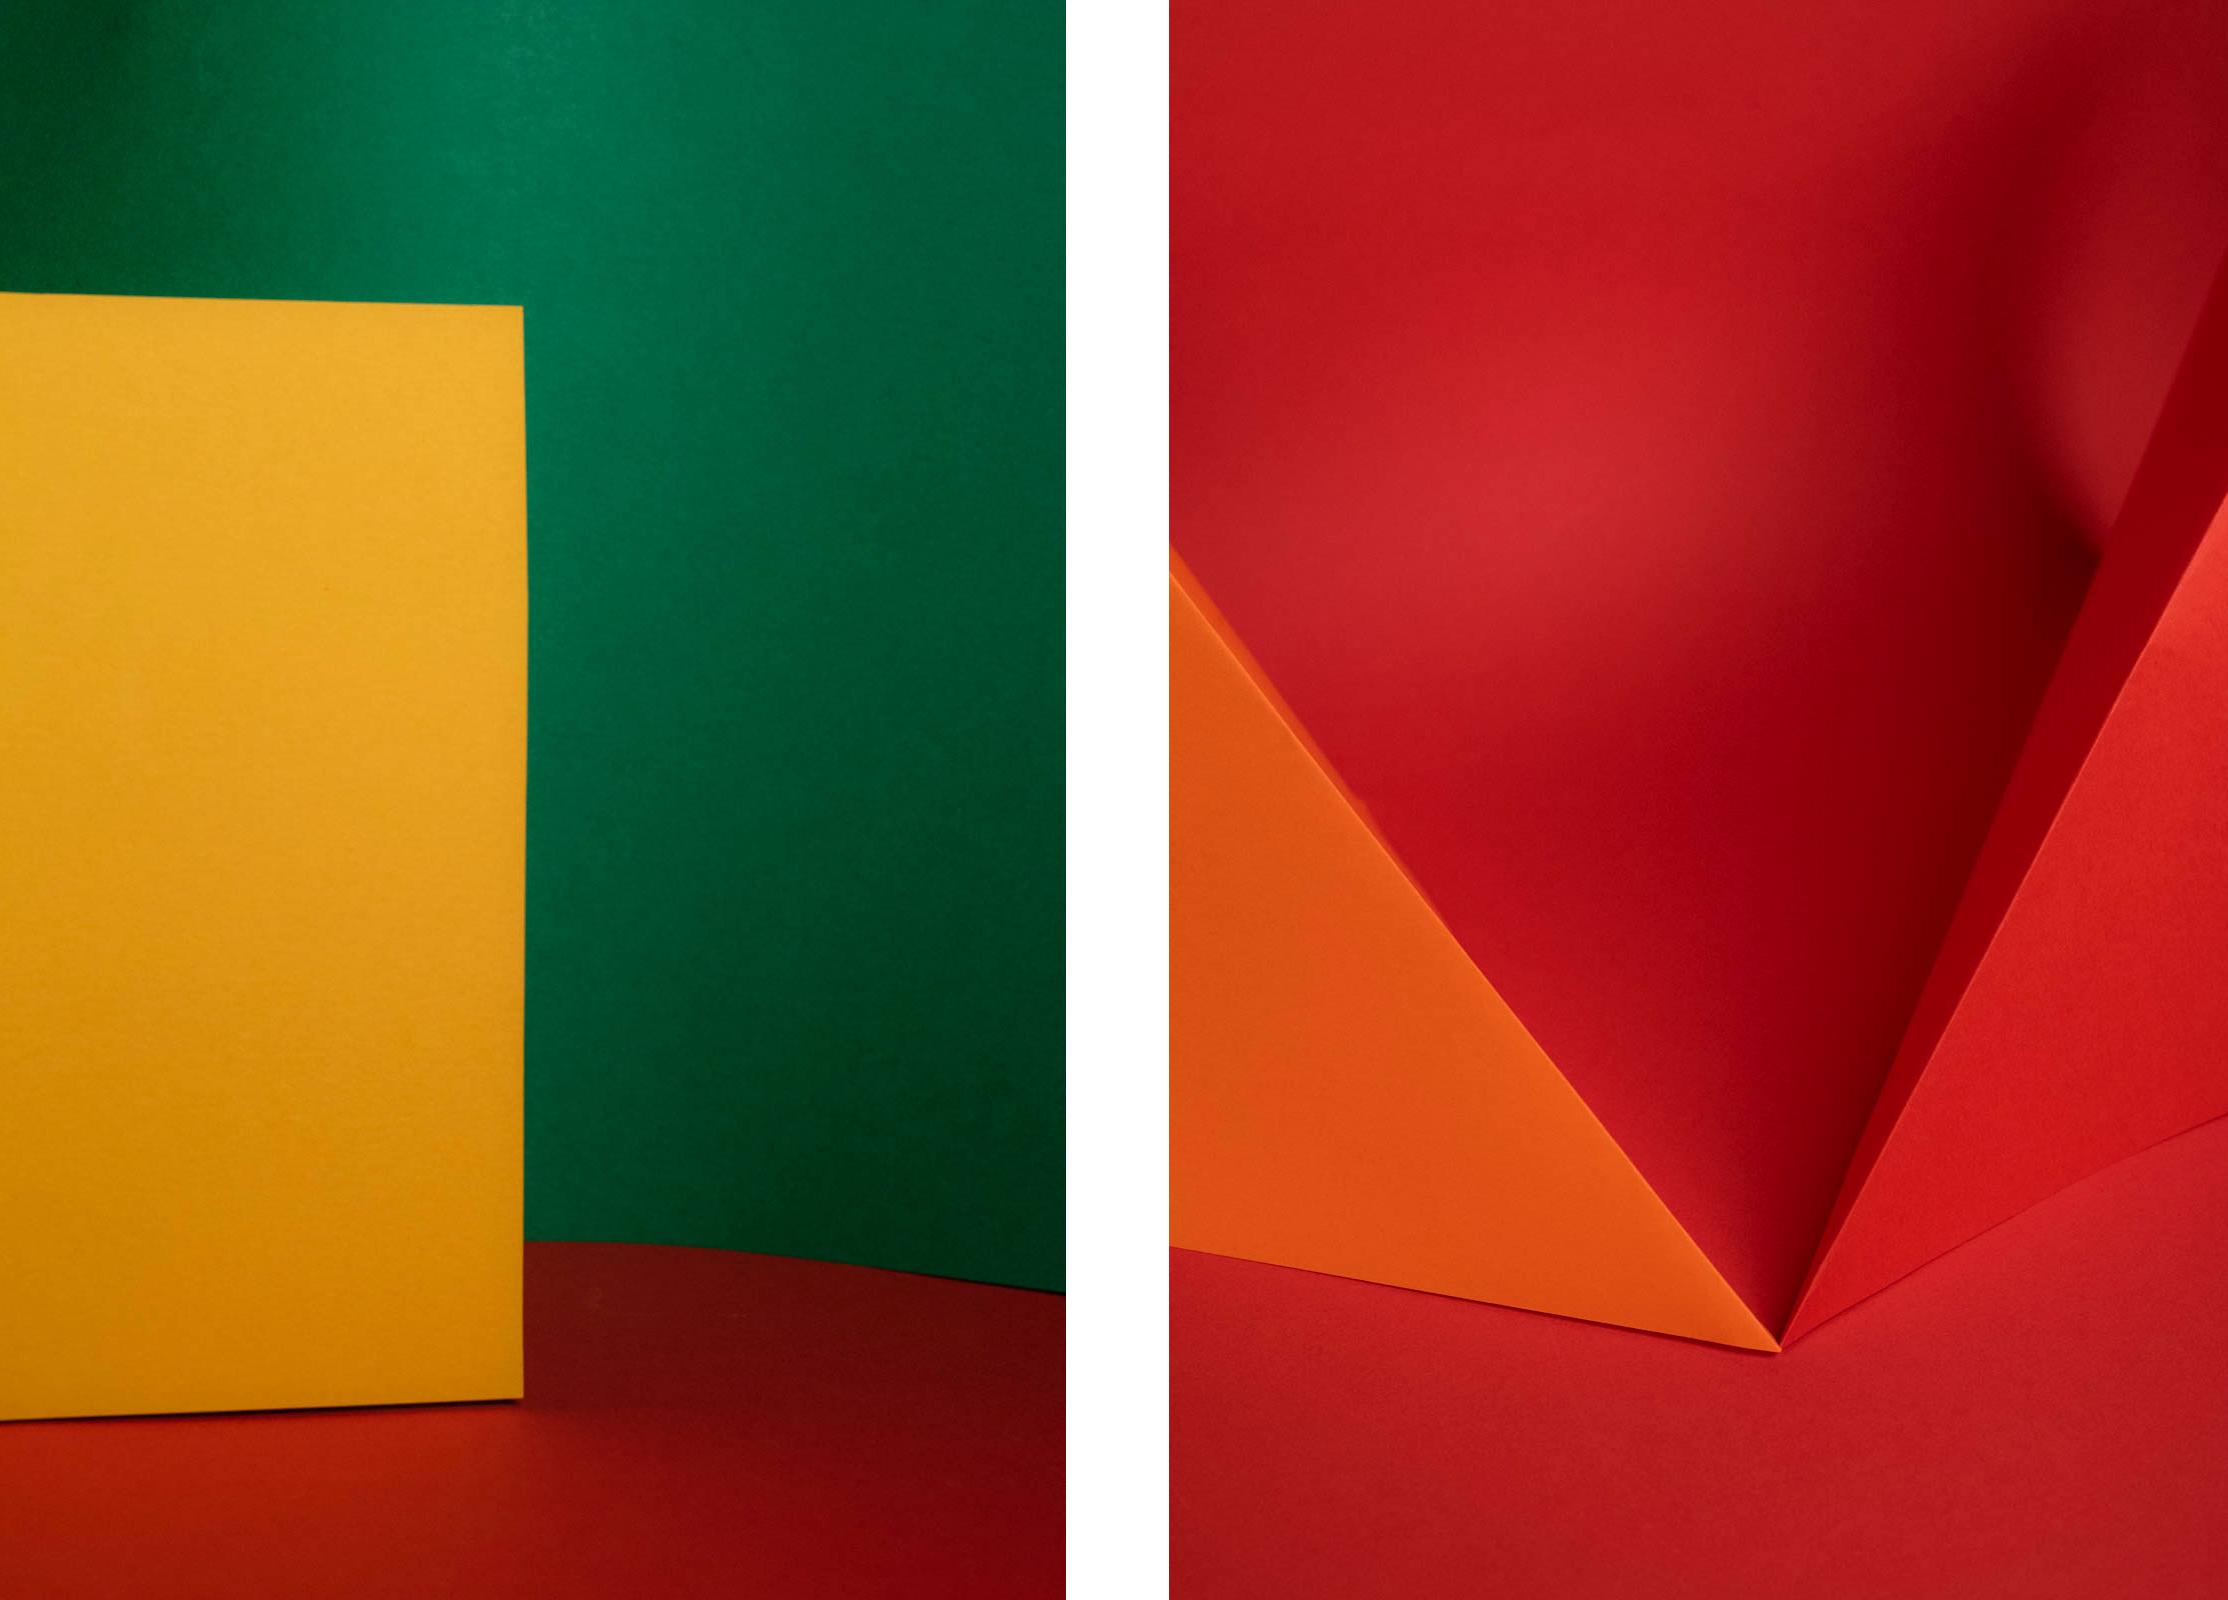 fotografické cvičení <br> prostor a barva <br> 2020